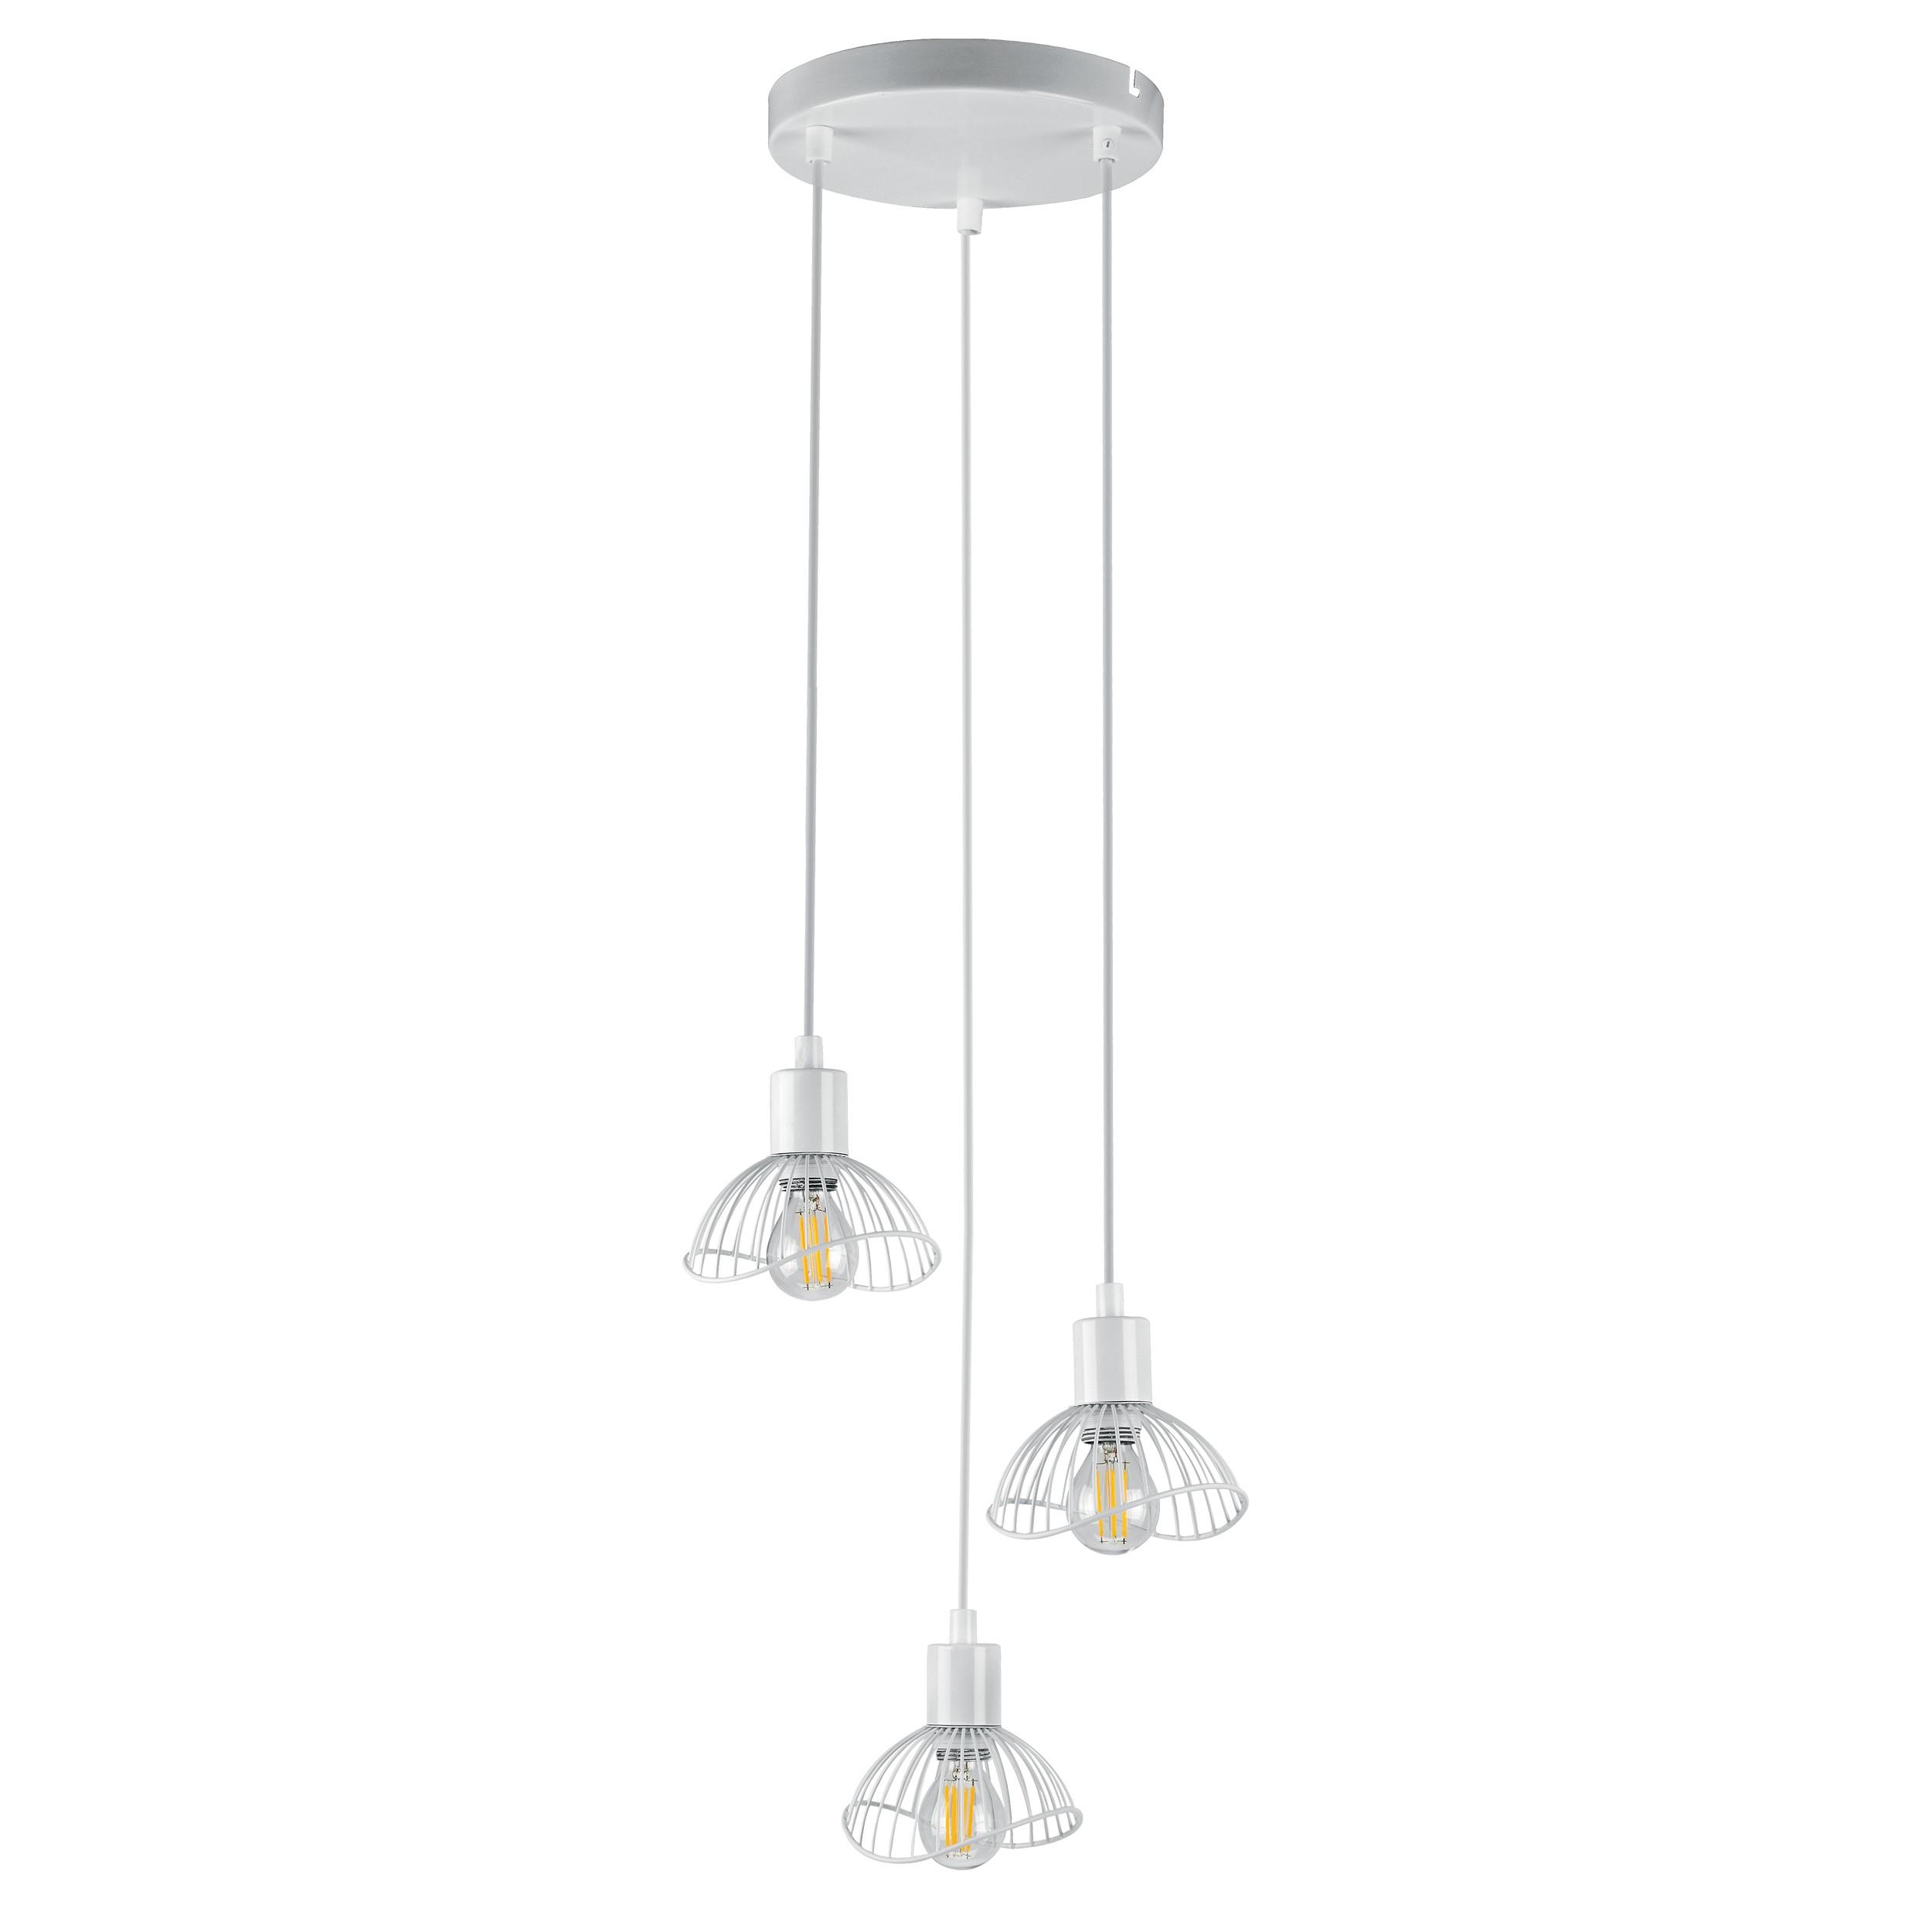 Lampa wisząca AJE-HOLLY 7 White 3xE14